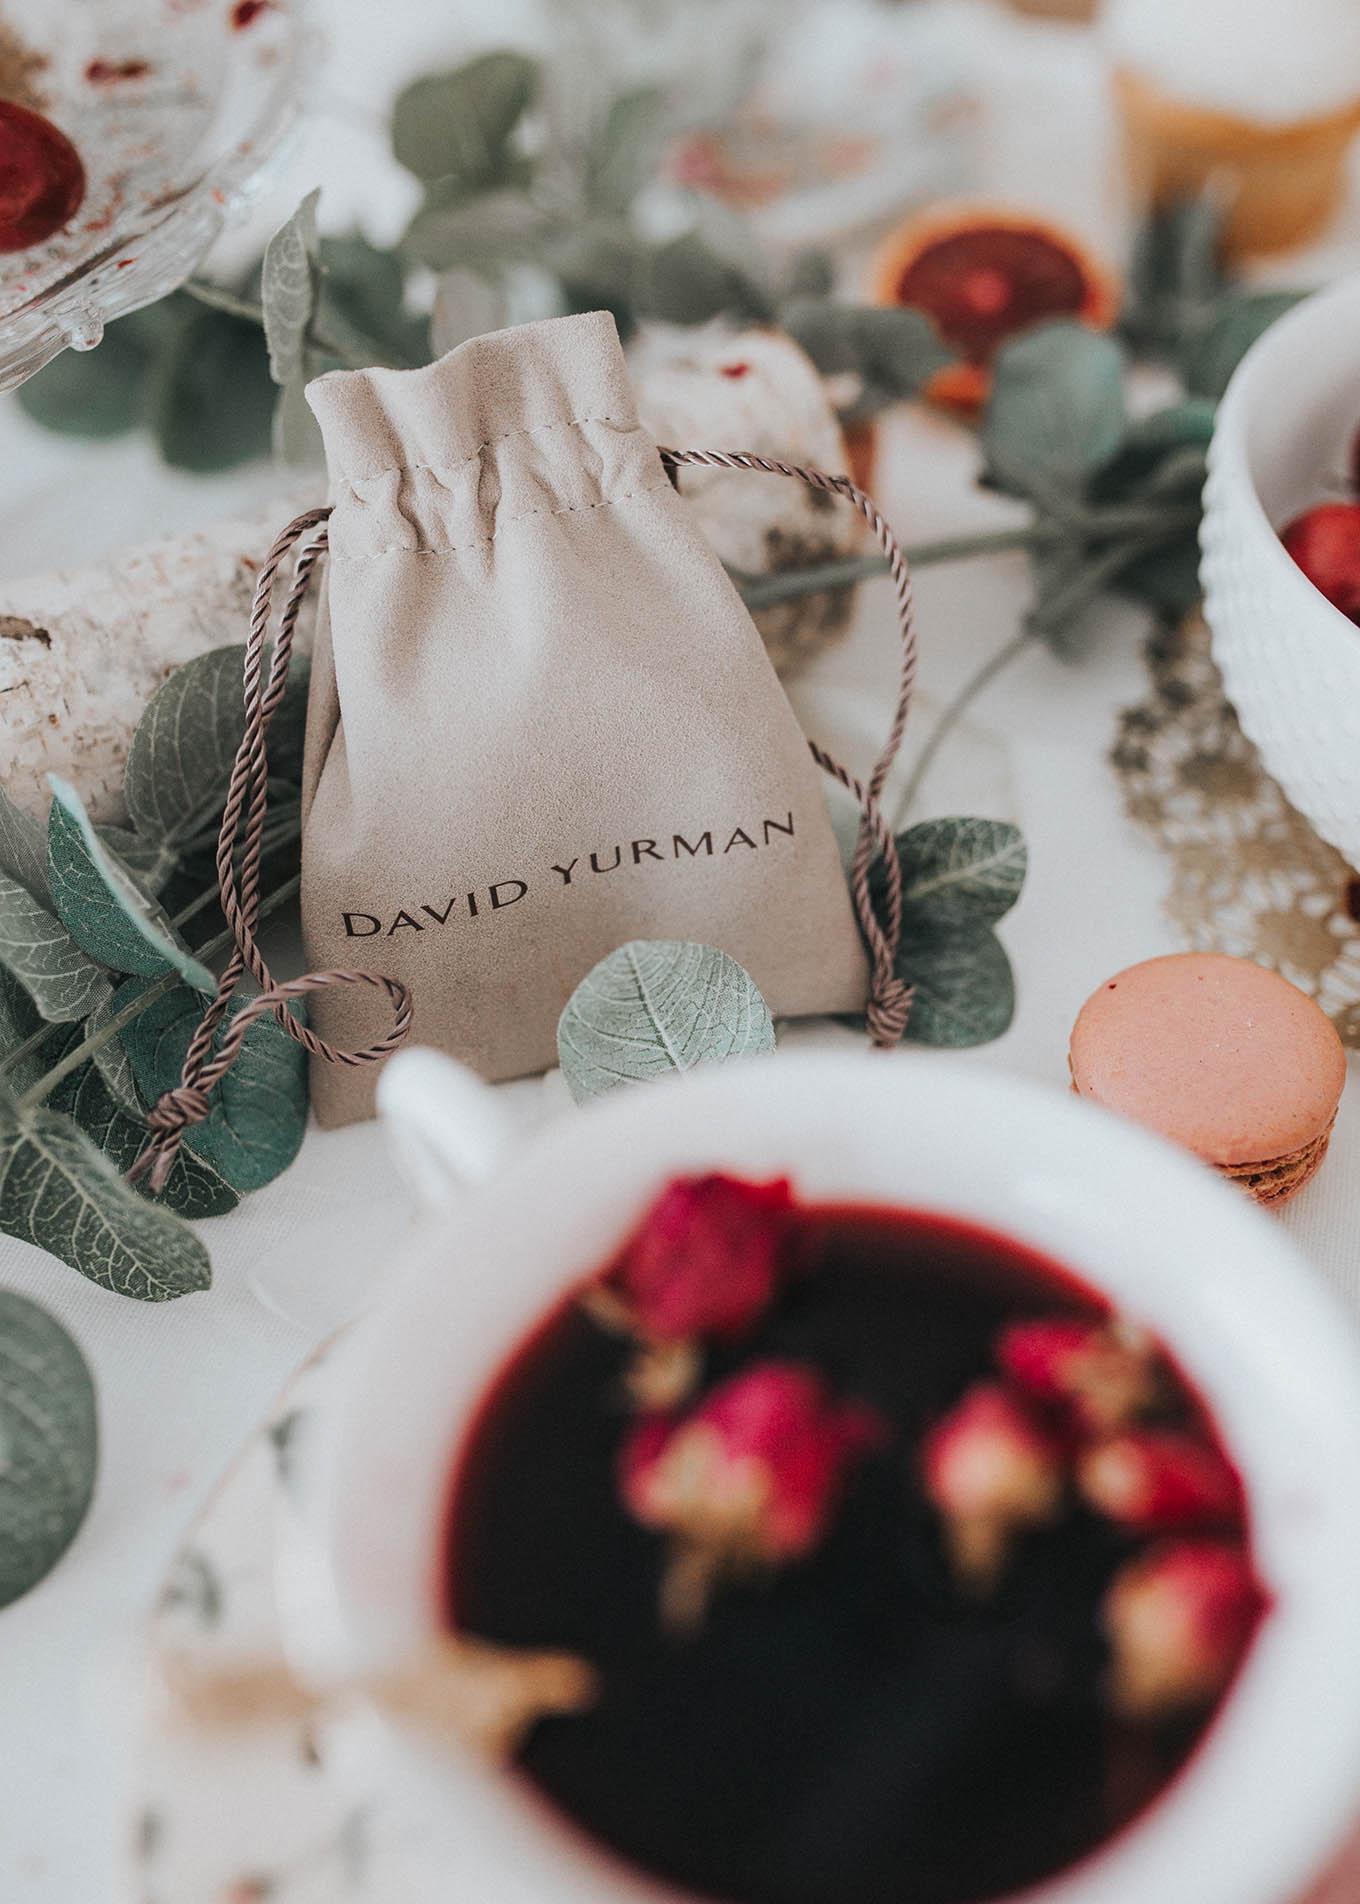 David Yurman valentine's jewelry